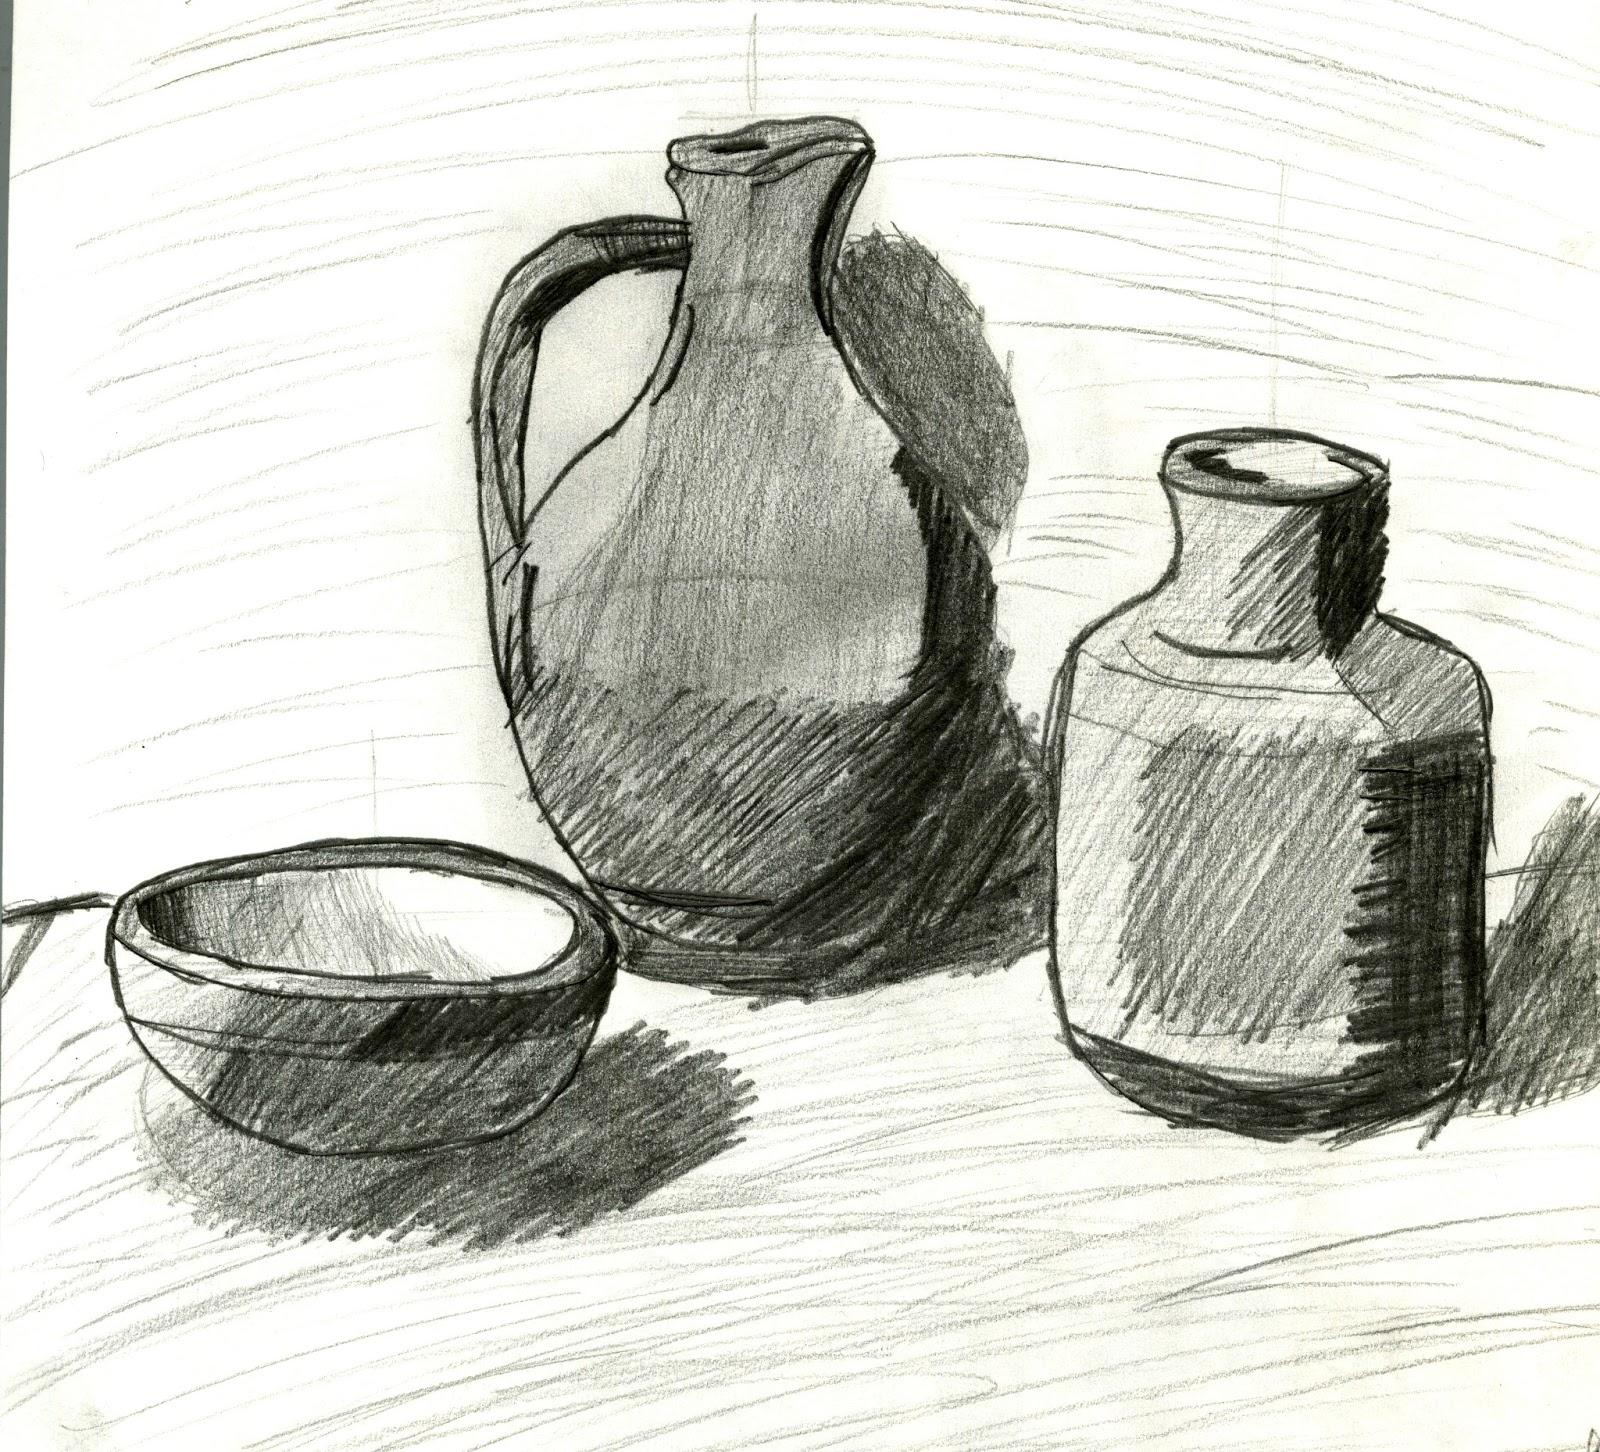 Observational Drawing 2: Still Life